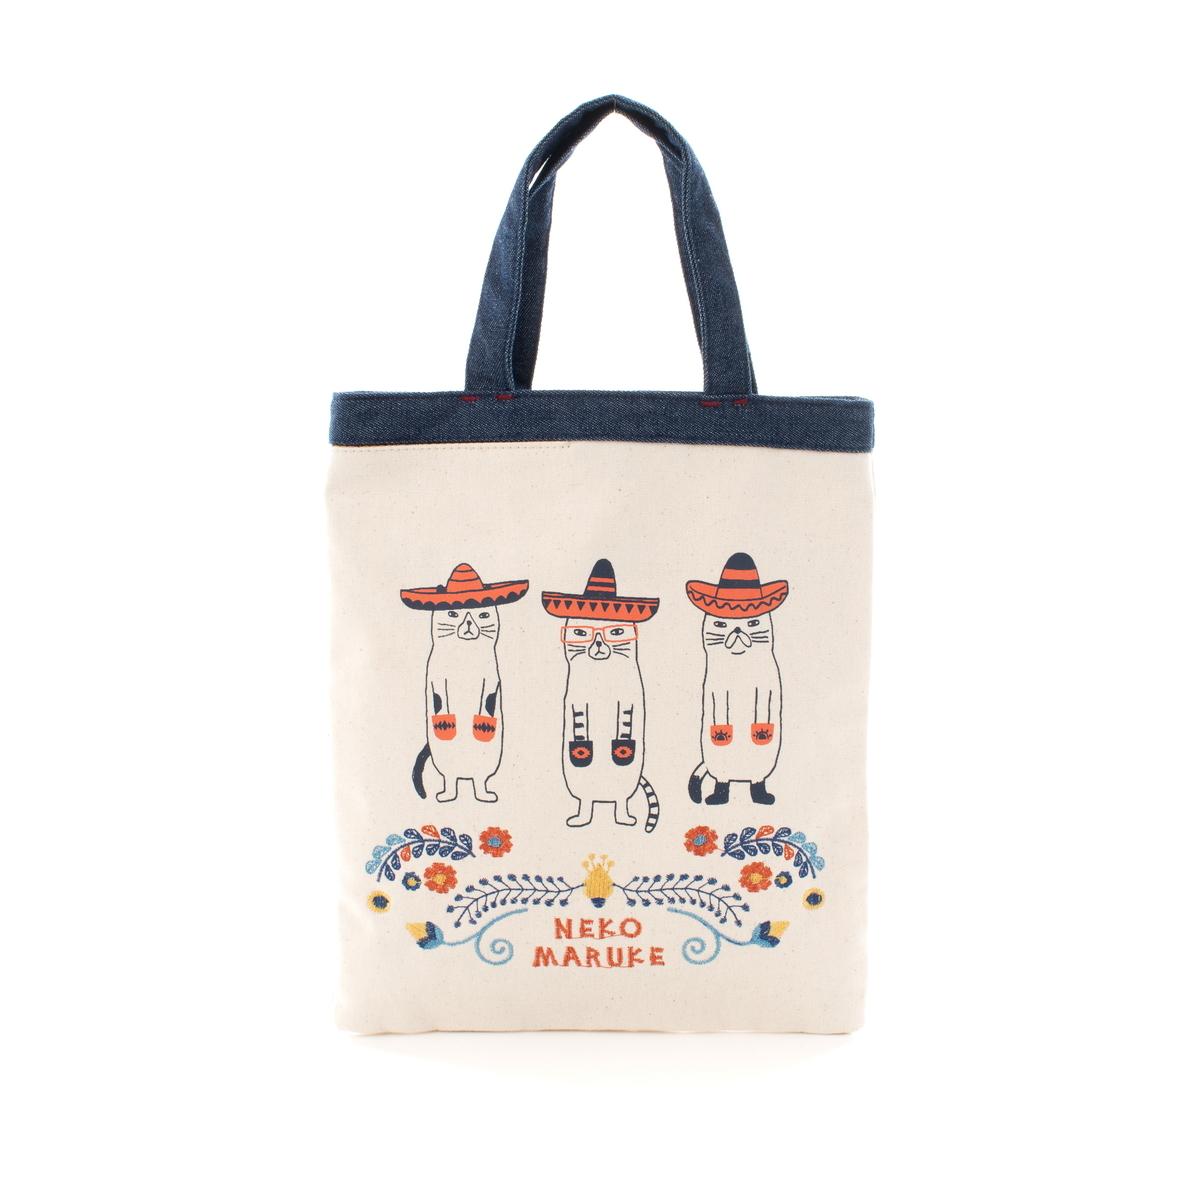 手さげバッグ 「ネコまるけメキシコ手さげバッグ キナリ」